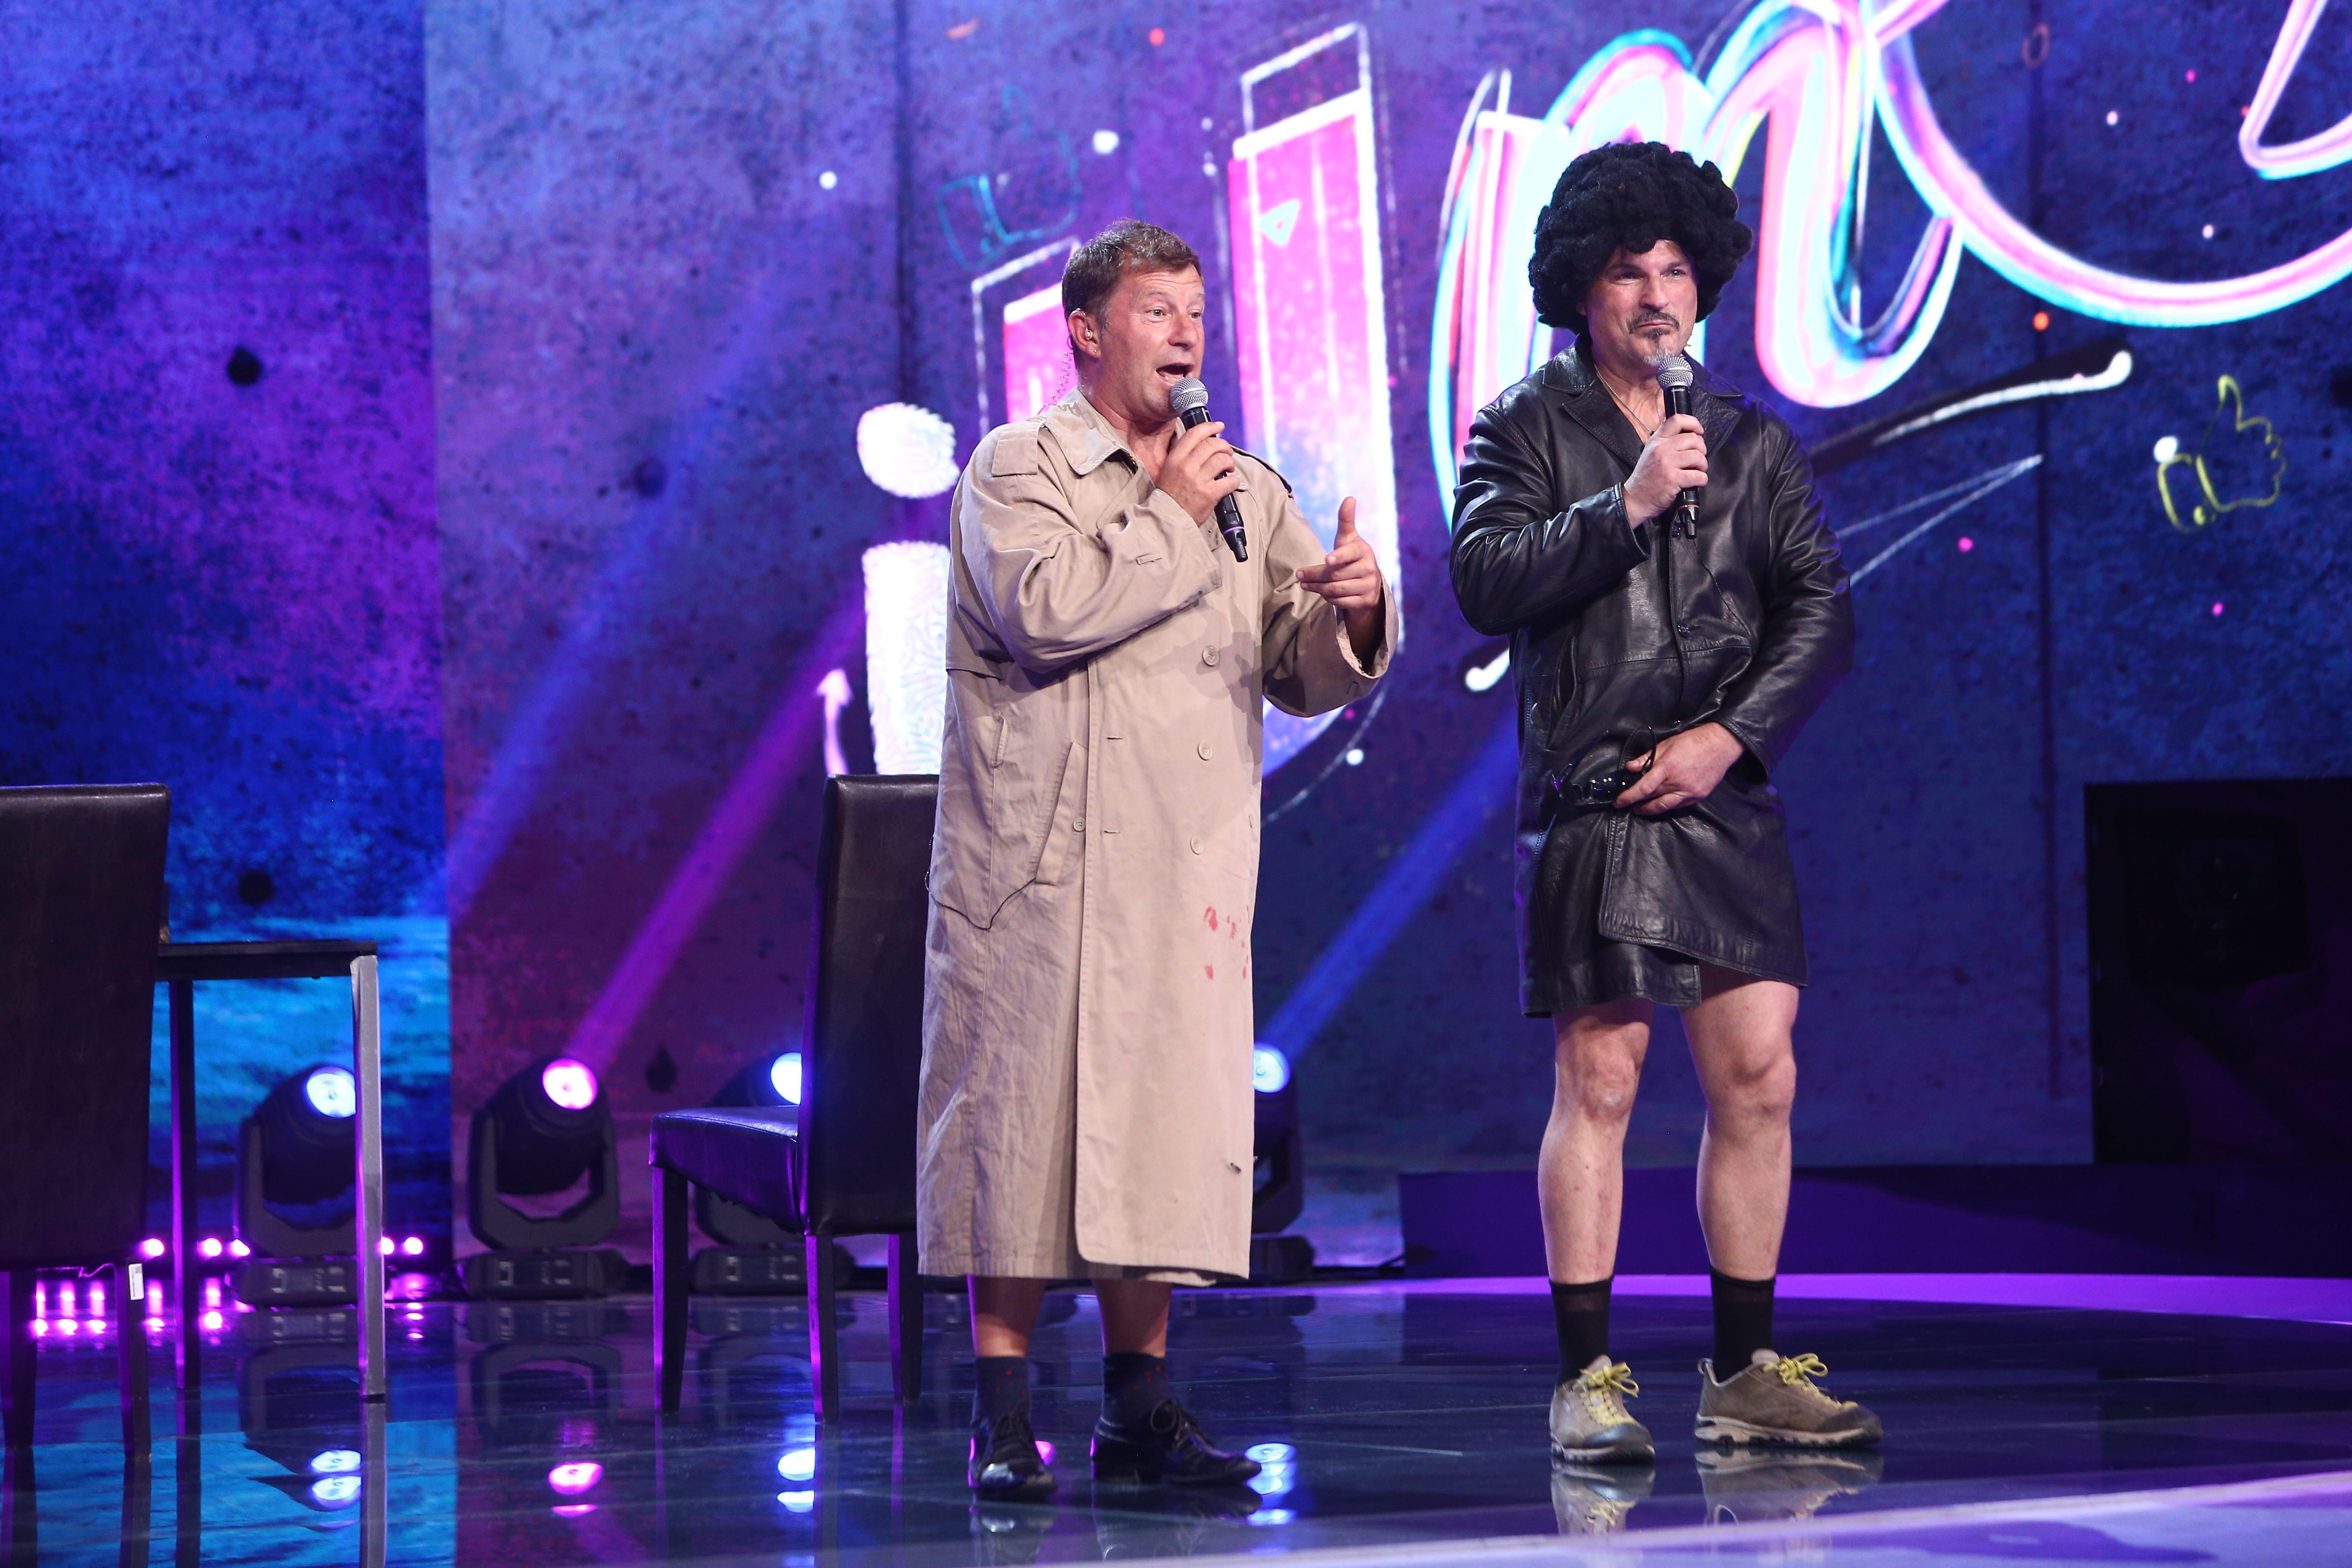 iUmor, 25 septembrie 2021. Fabio Biggi și Lorenzo Nardi, moment de nudititate umoristică pe scenă, în ediția 1. Reacția juriului